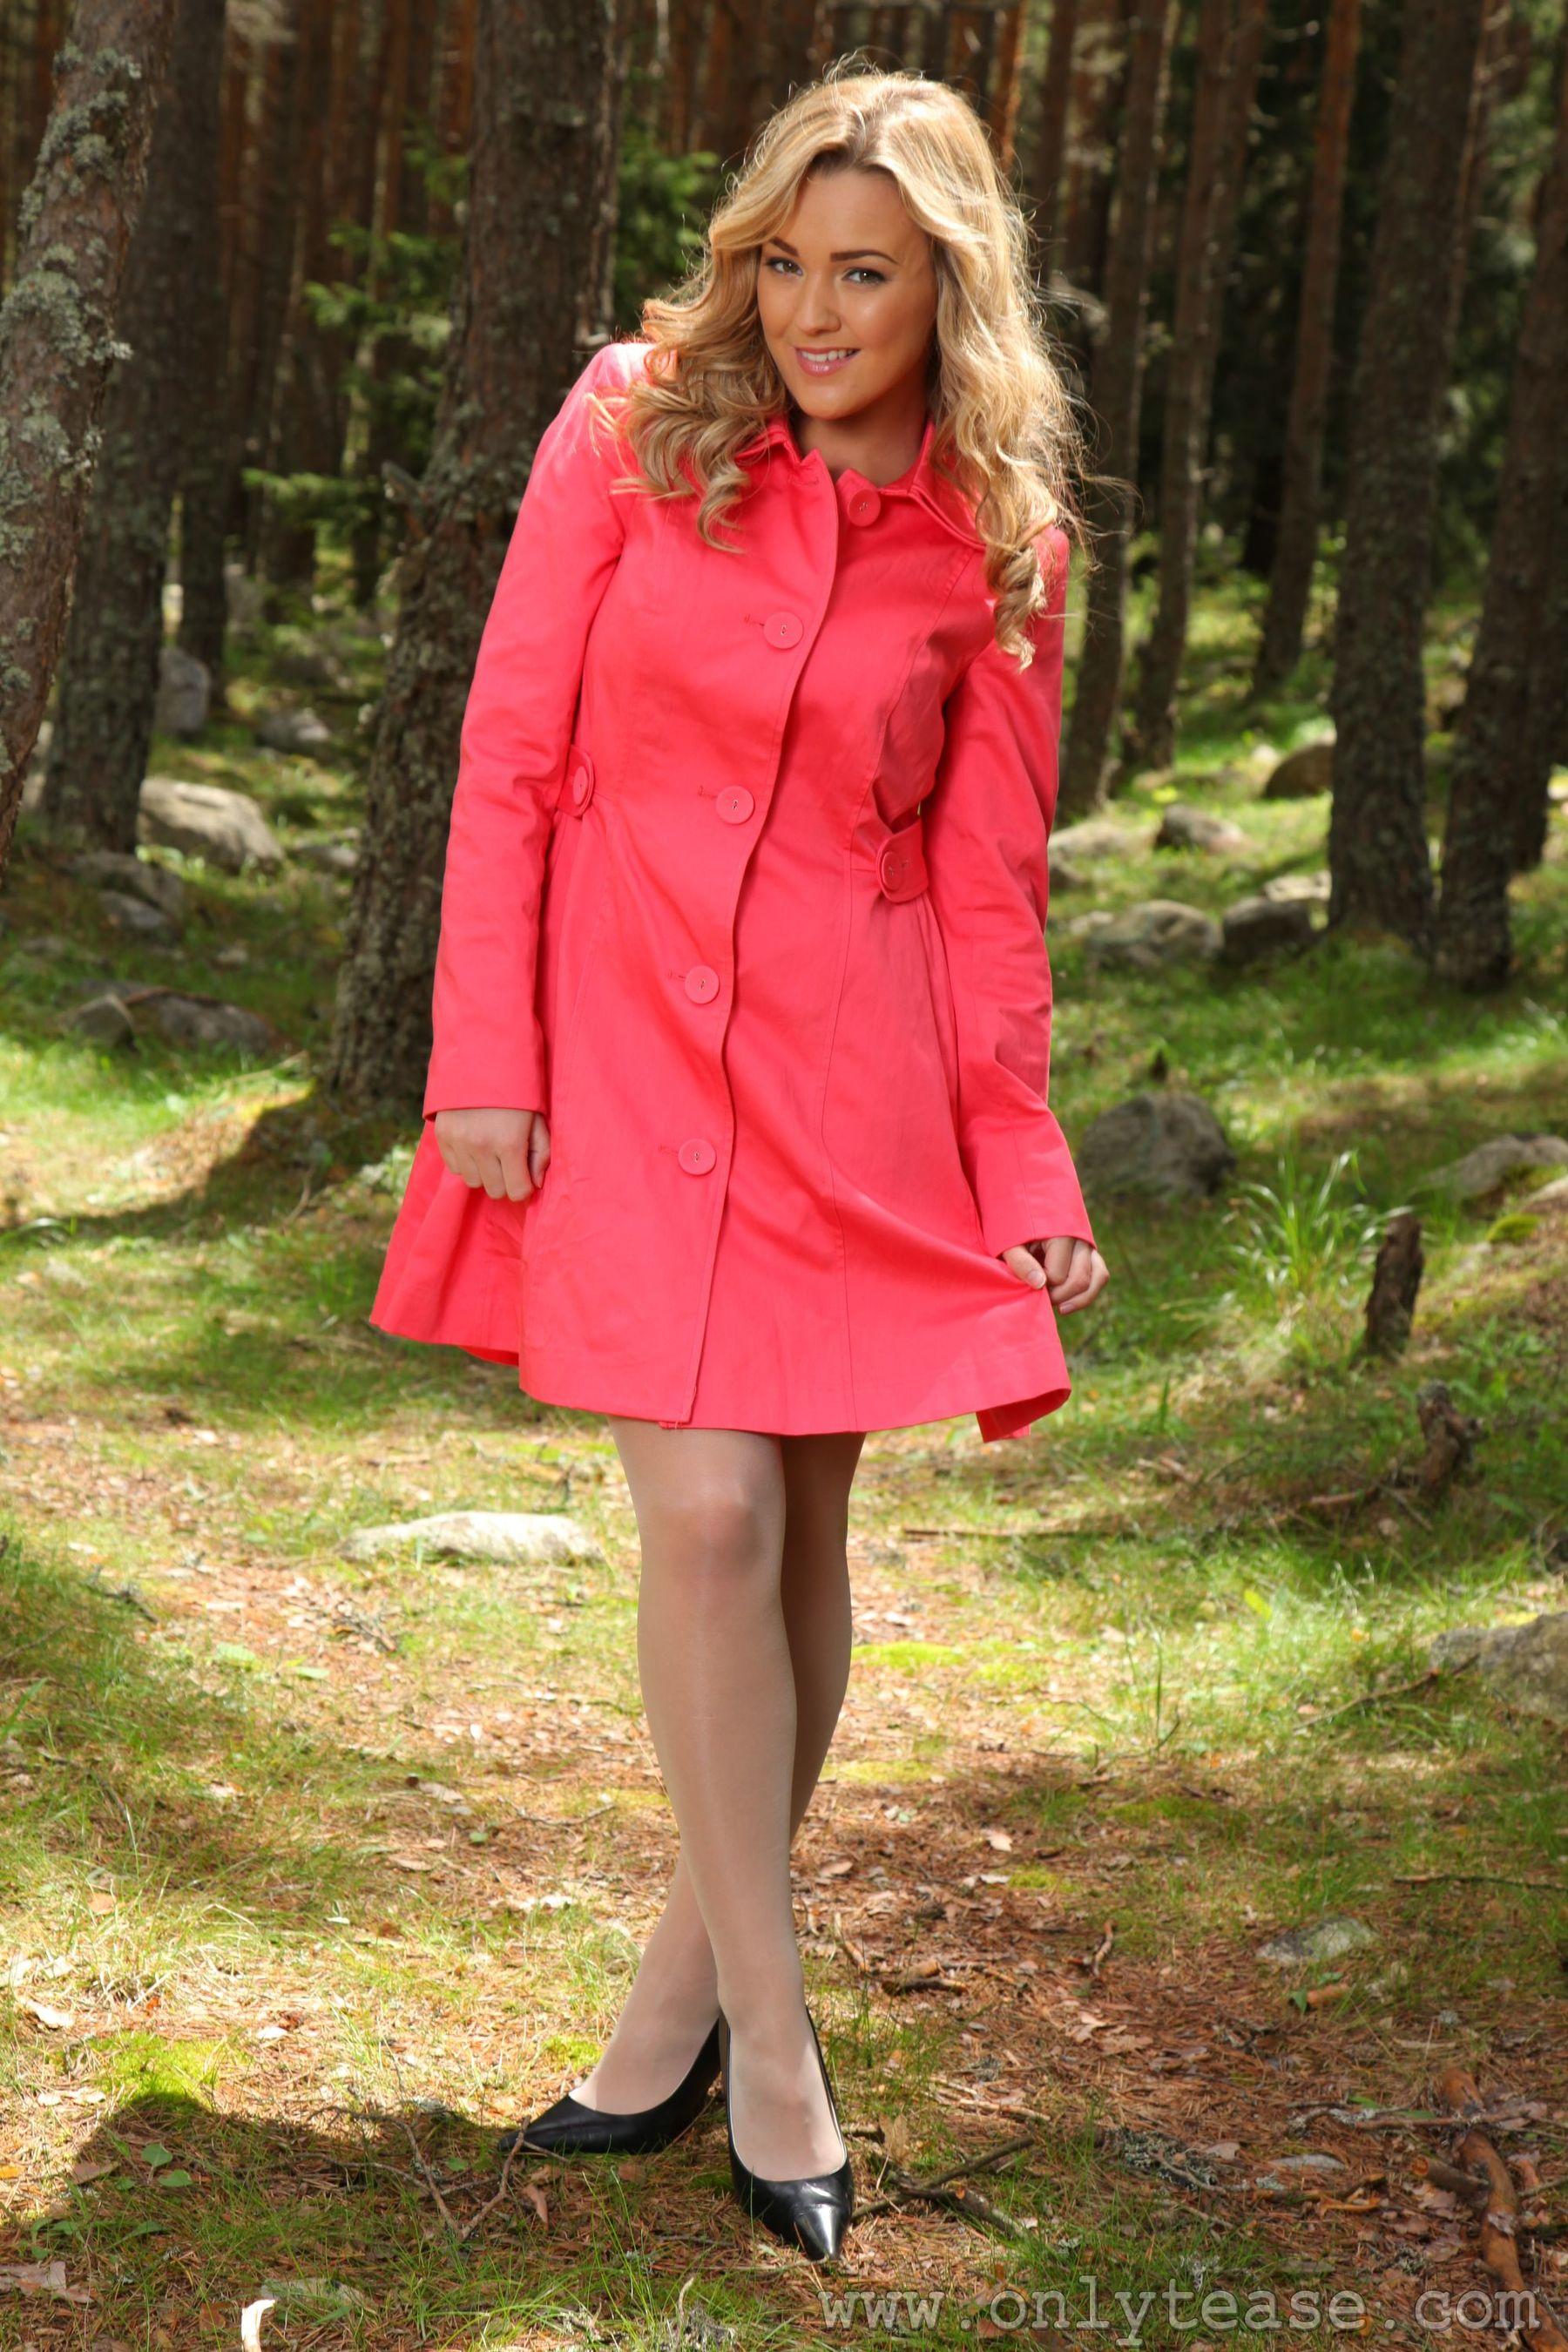 VOL.448 [OnlyTease丝袜] Jodie Gasson《外拍风衣+丝袜诱惑》超高清写真图片